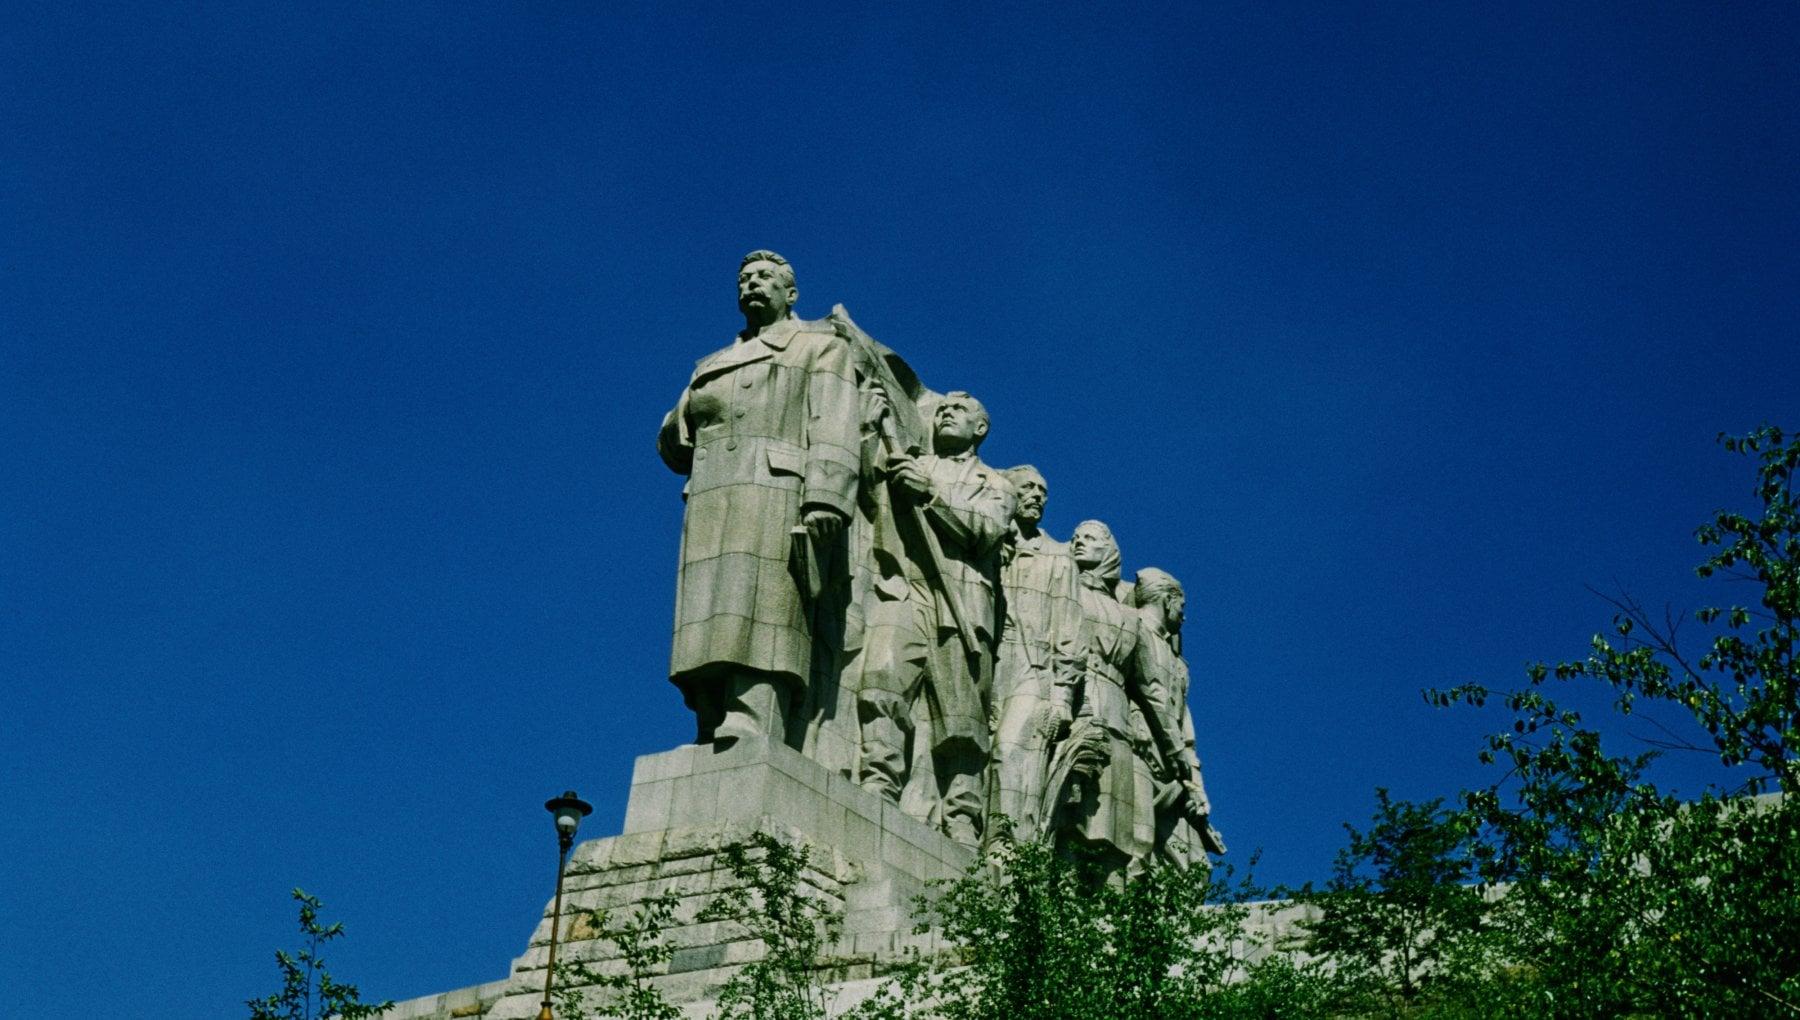 180013292 048b1e54 ead5 471e b353 779e02c1db94 - Praga, scoperti per caso i resti del gulag dei deportati che costruirono la statua di Stalin